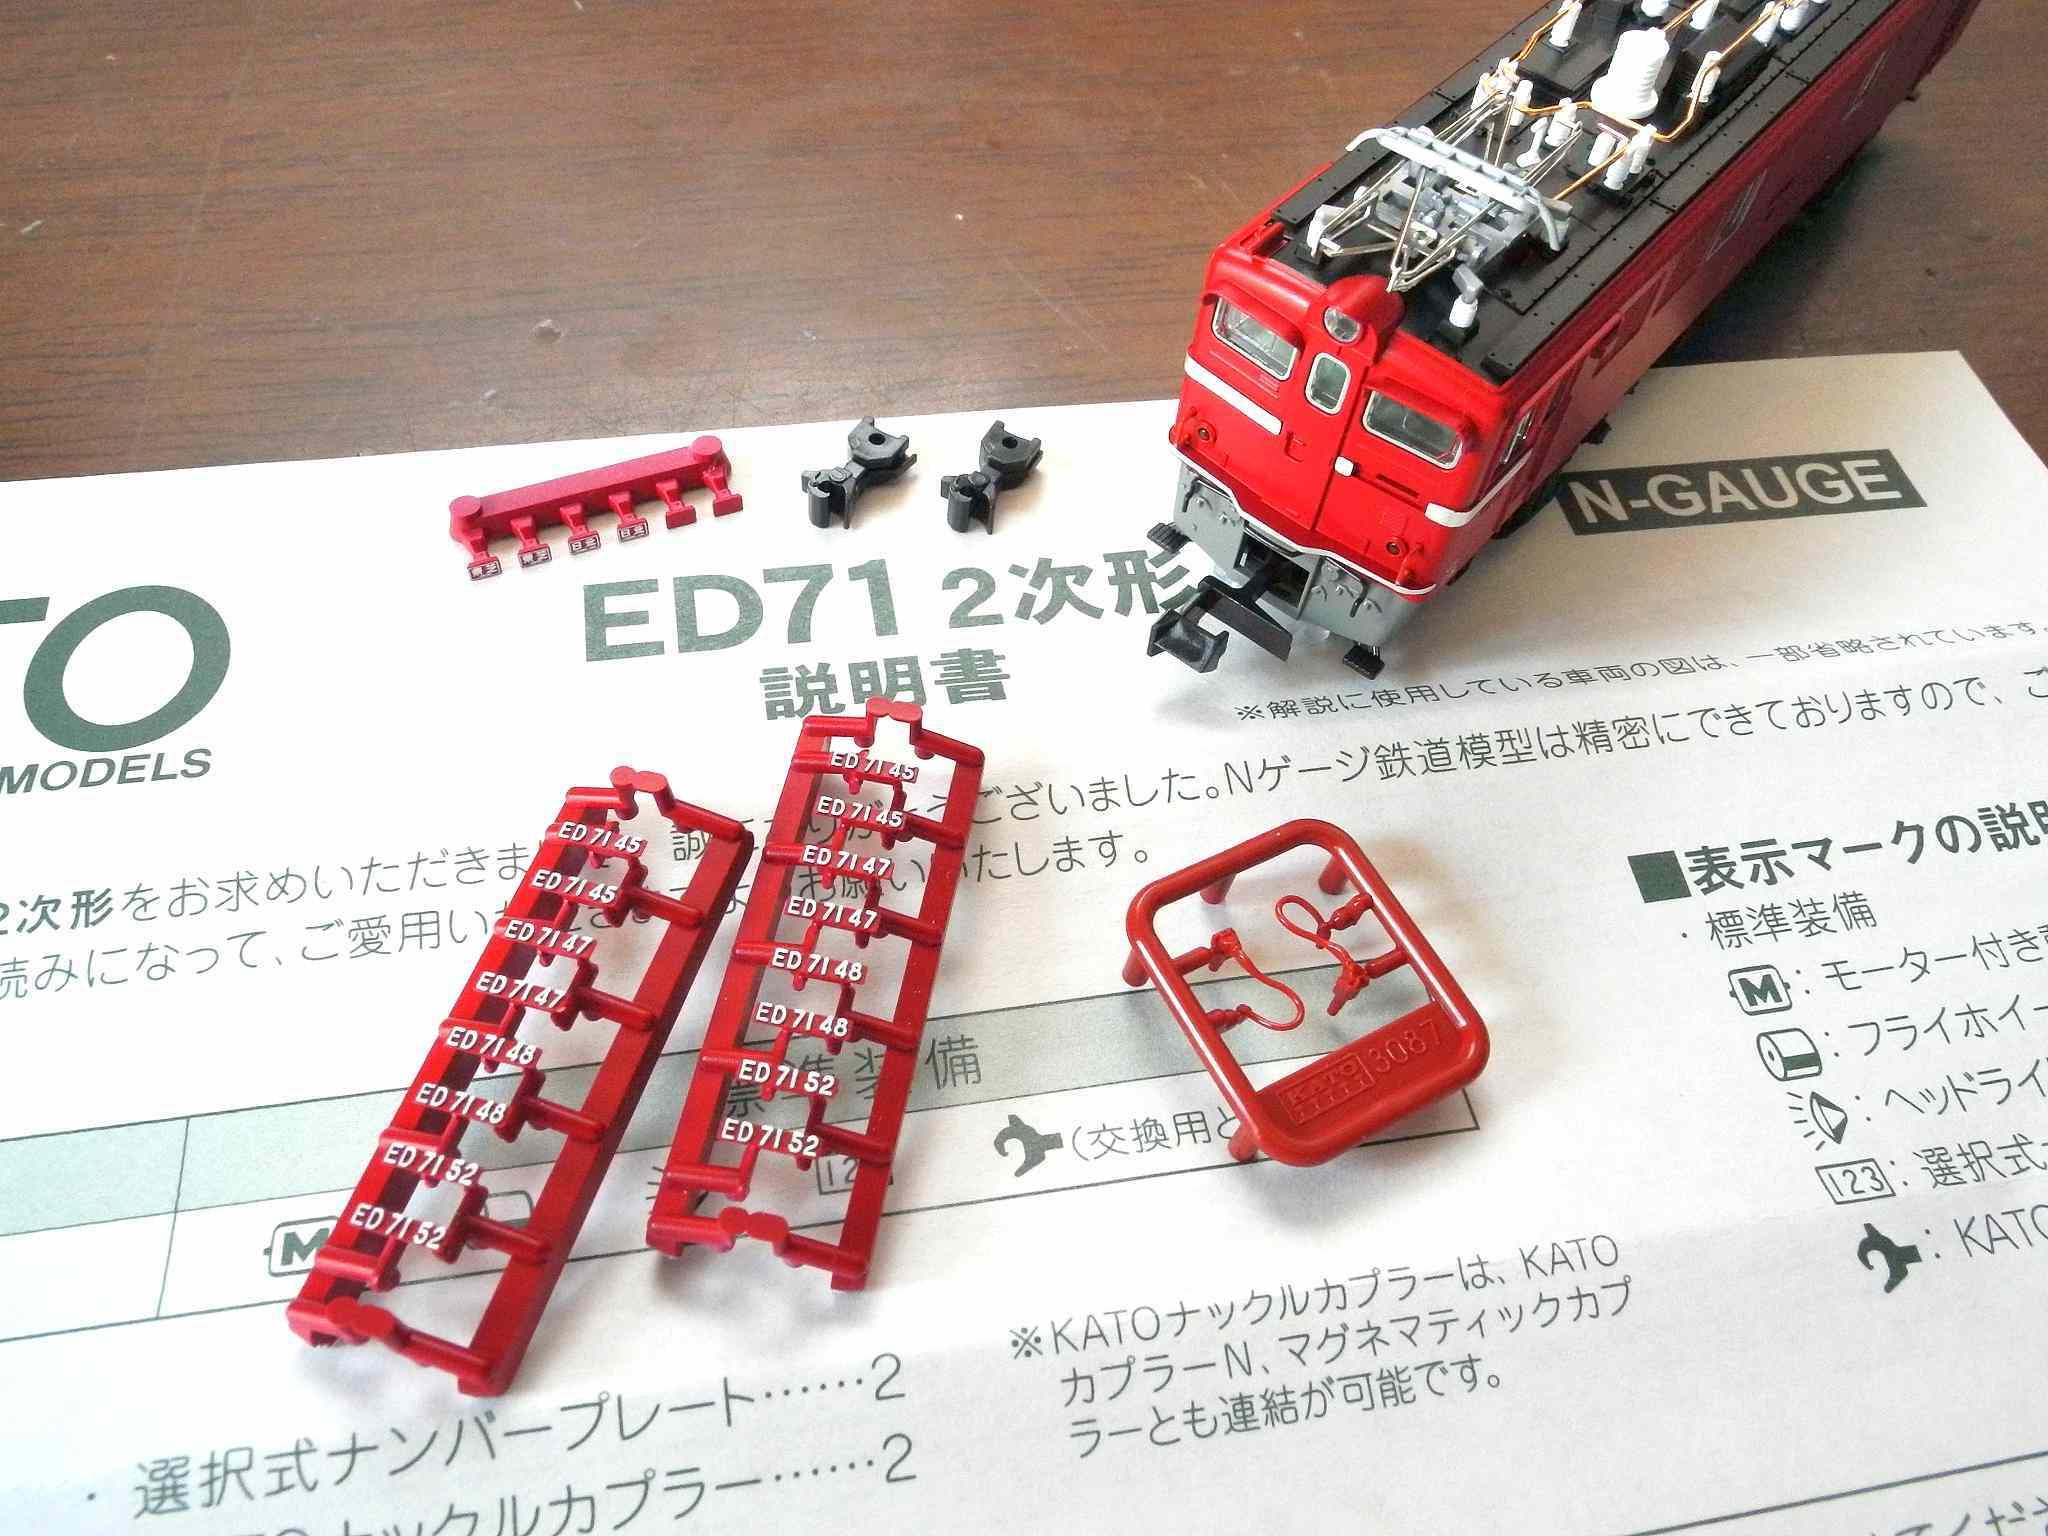 DSCN1243-1.jpg